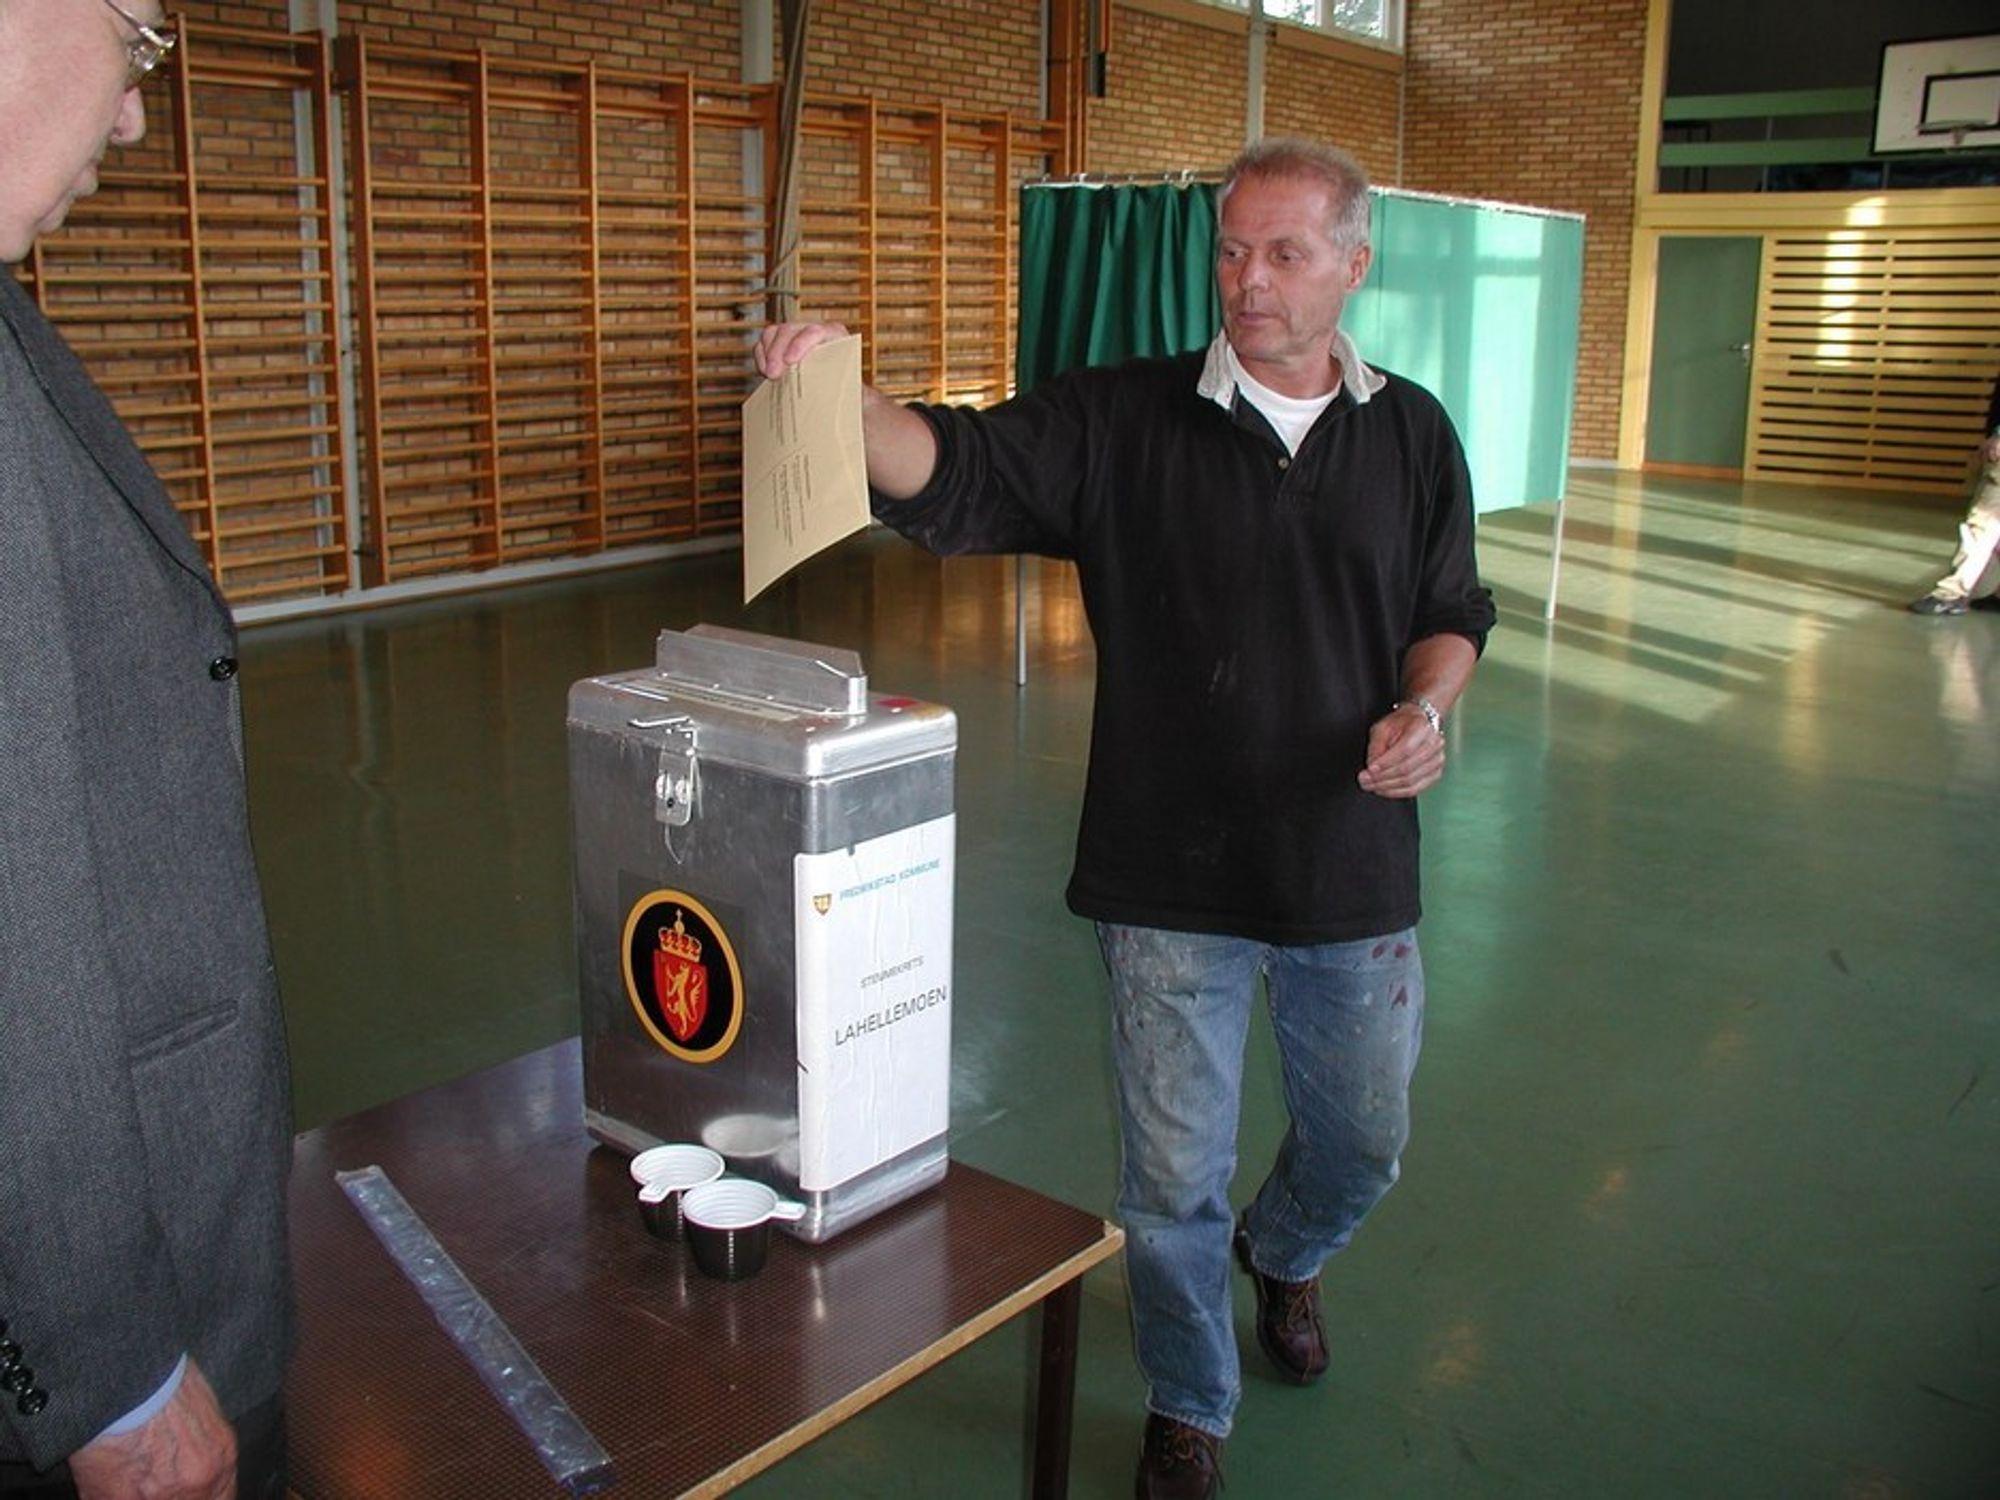 SLUTT: Hvis e-valgprosjektet lykkes, blir det slutt på de tradisjonelle urnene.